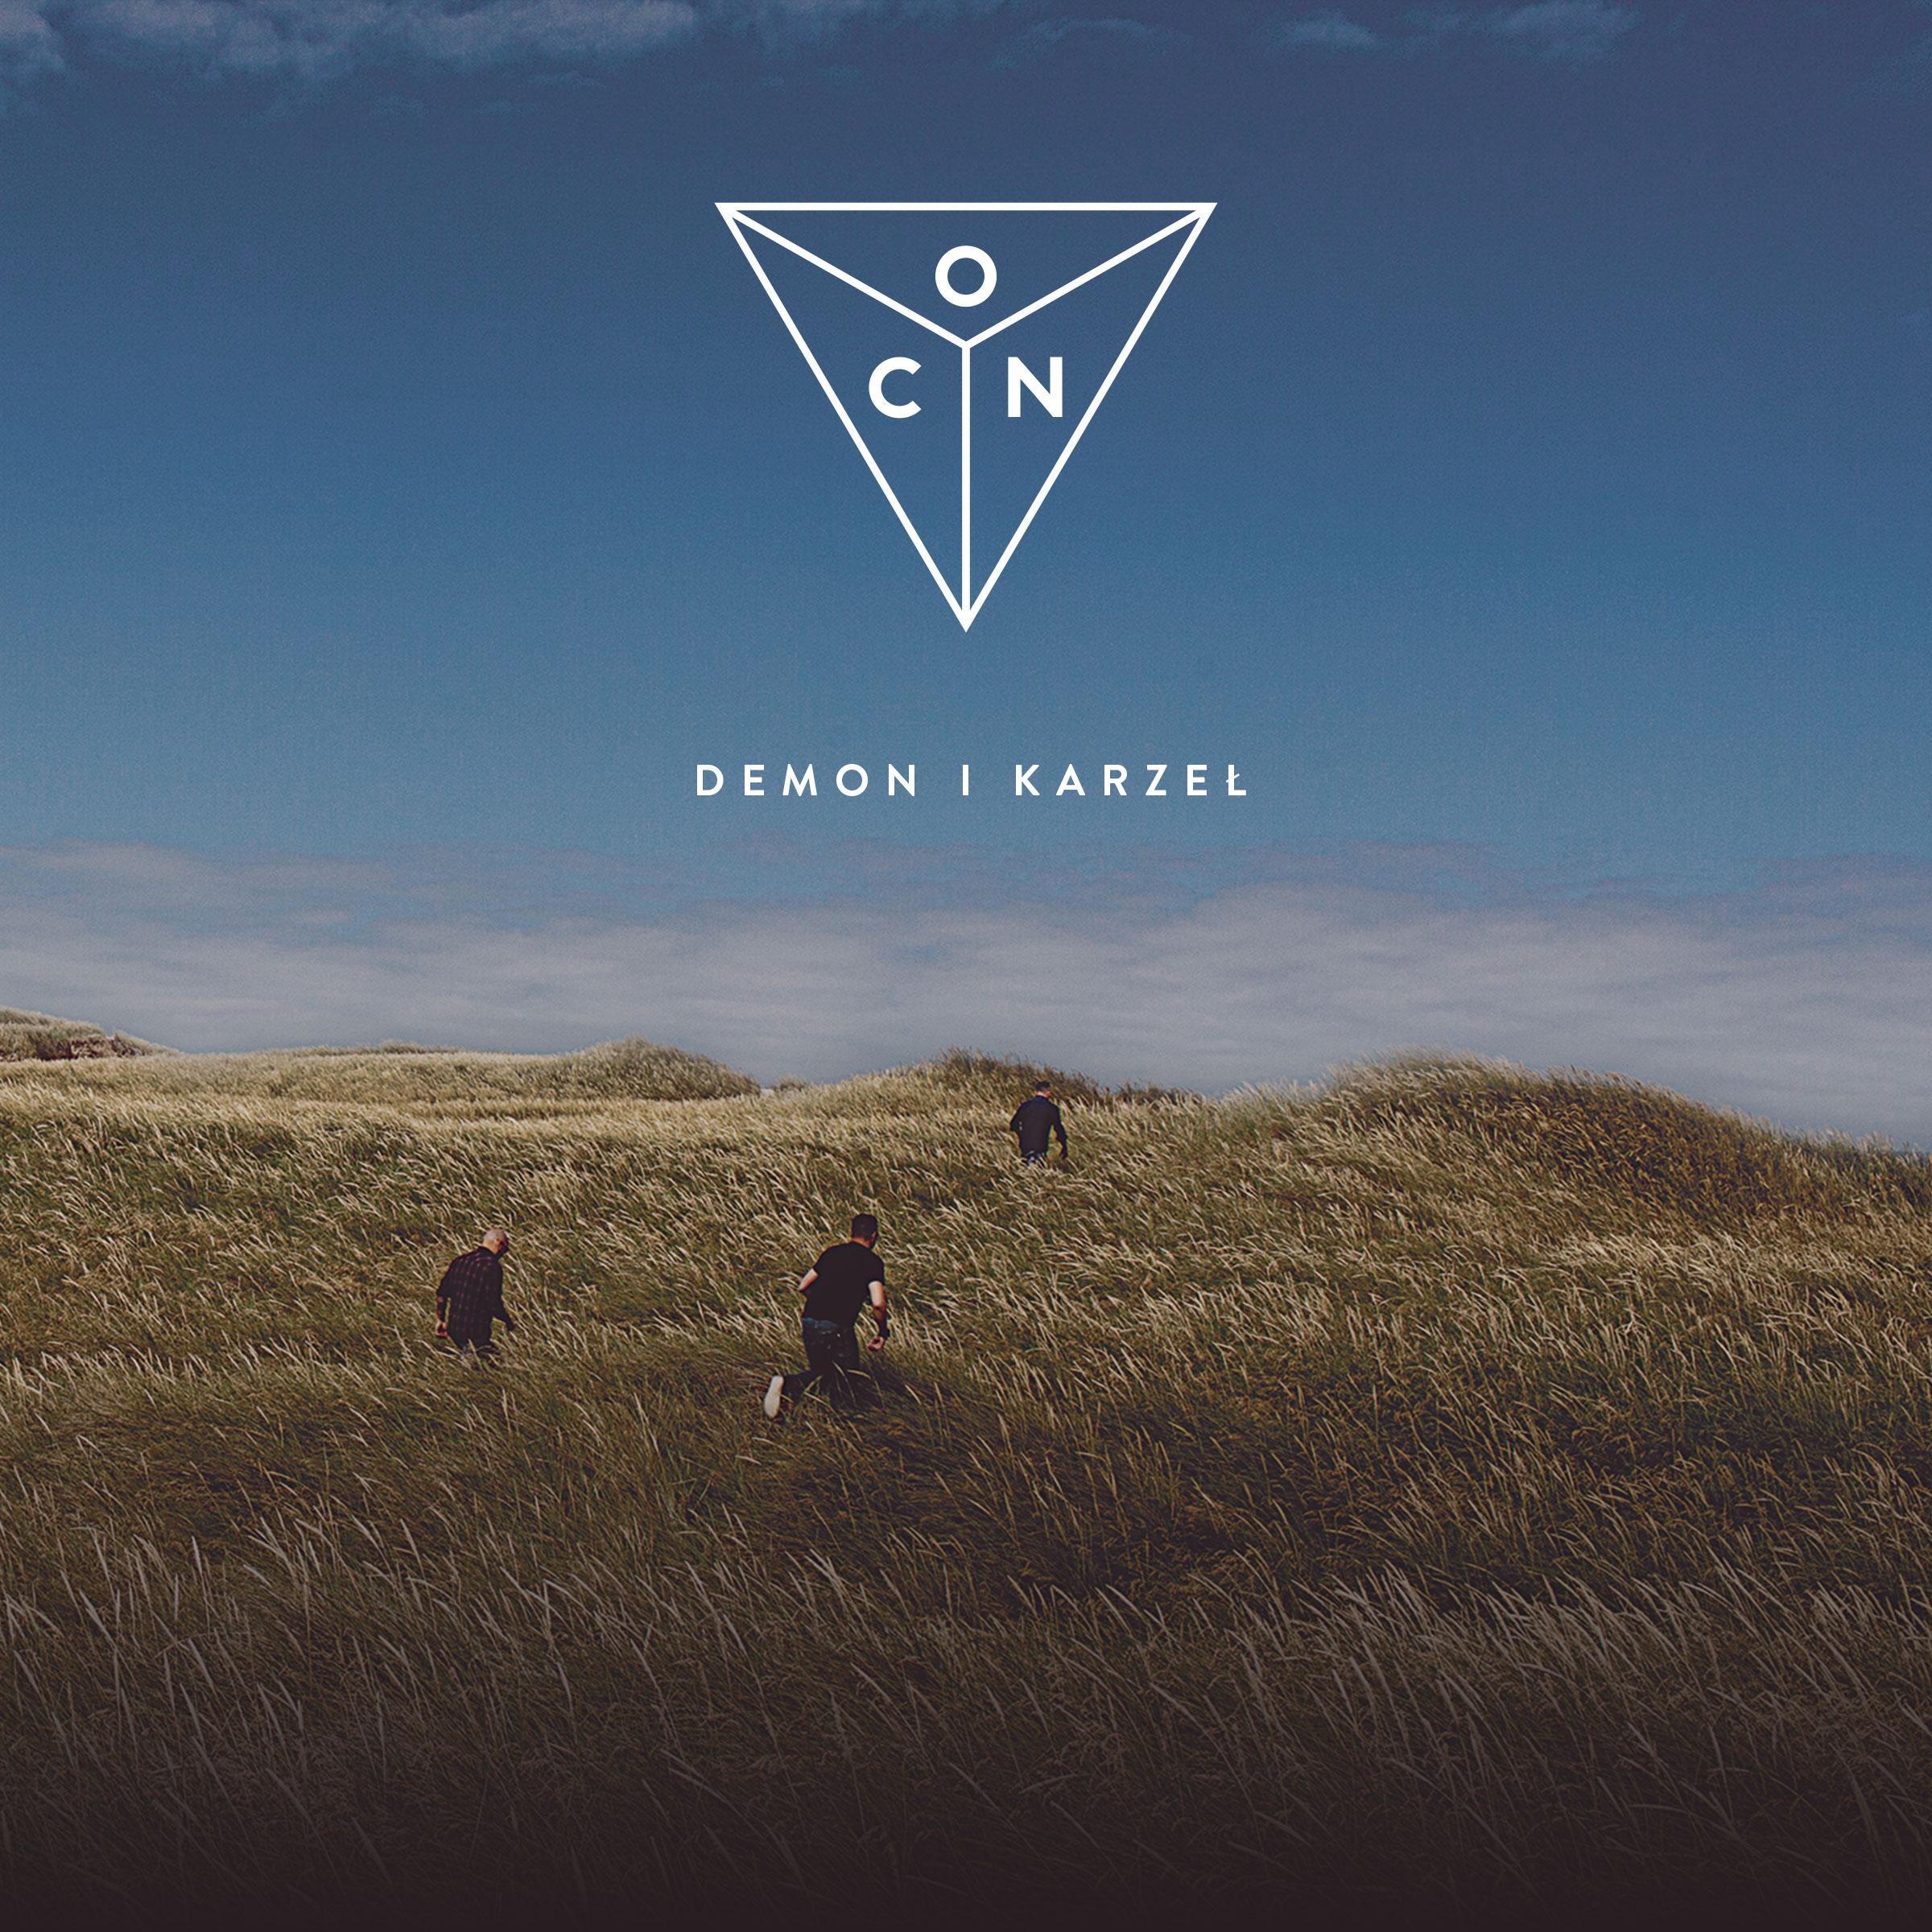 """OCN, """"Demon i karzeł"""" – okładka płyty (źródło: materiały prasowe wydawcy)"""